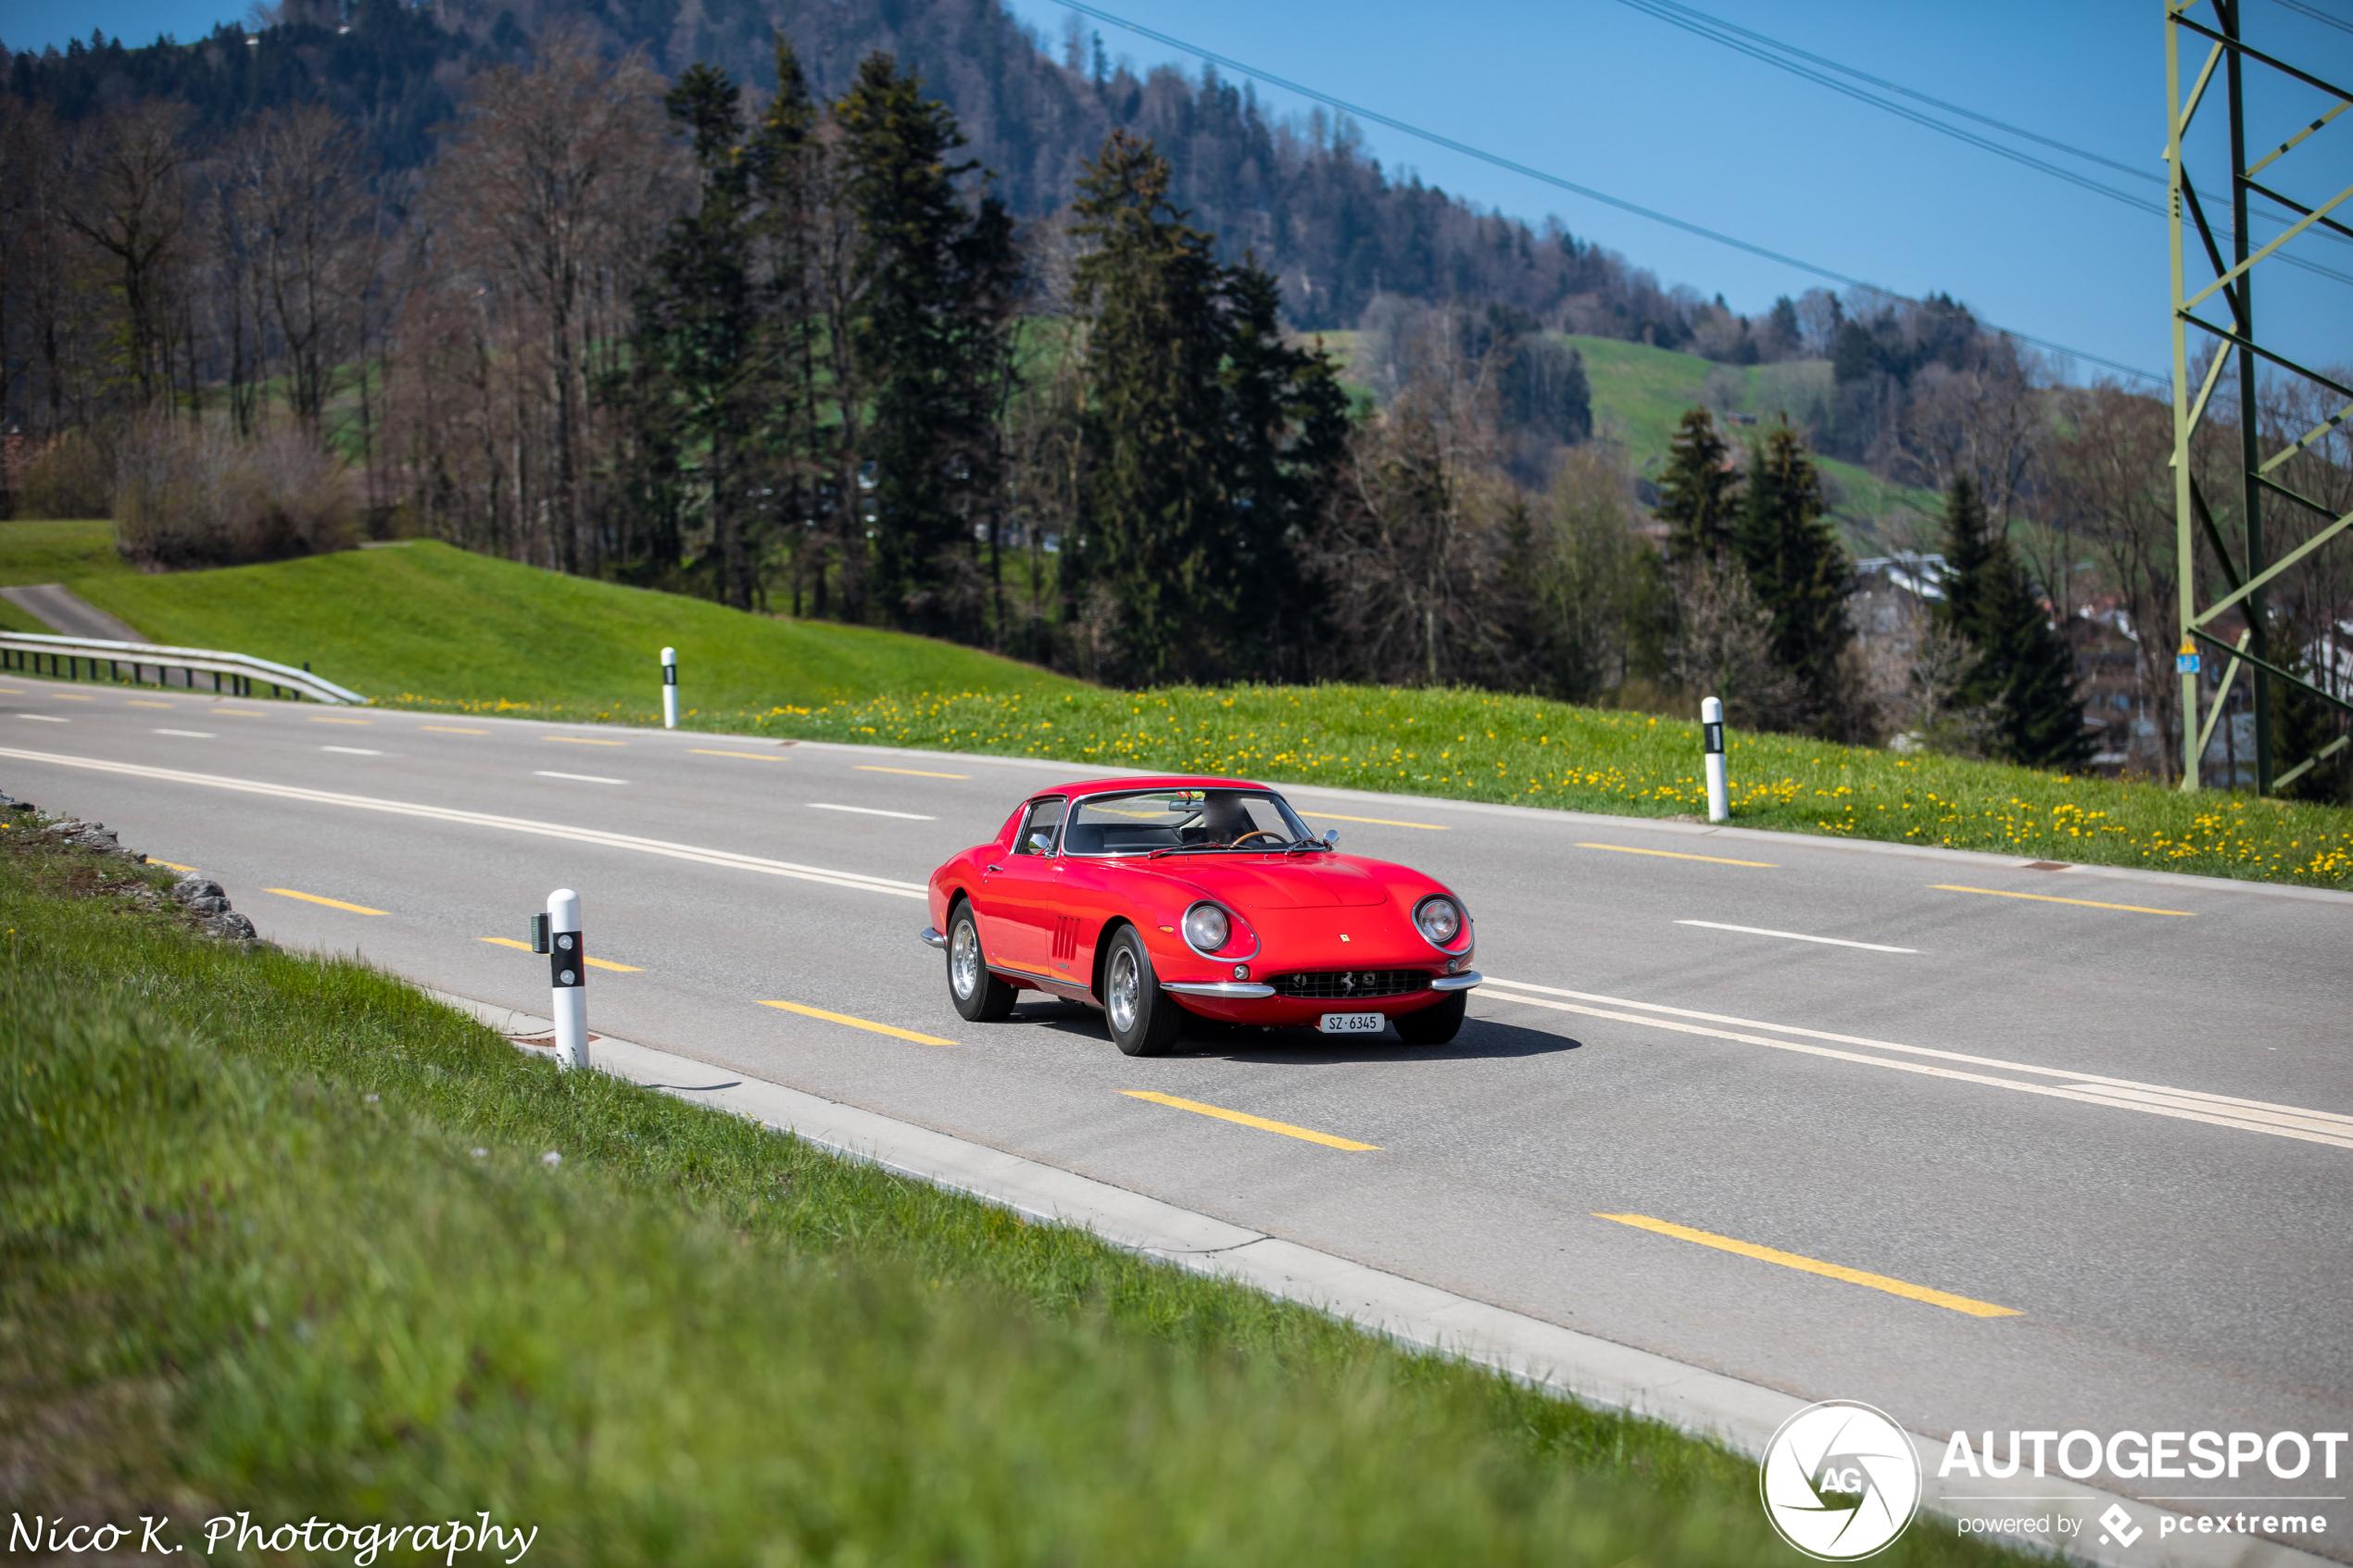 Ferrari275 GTB